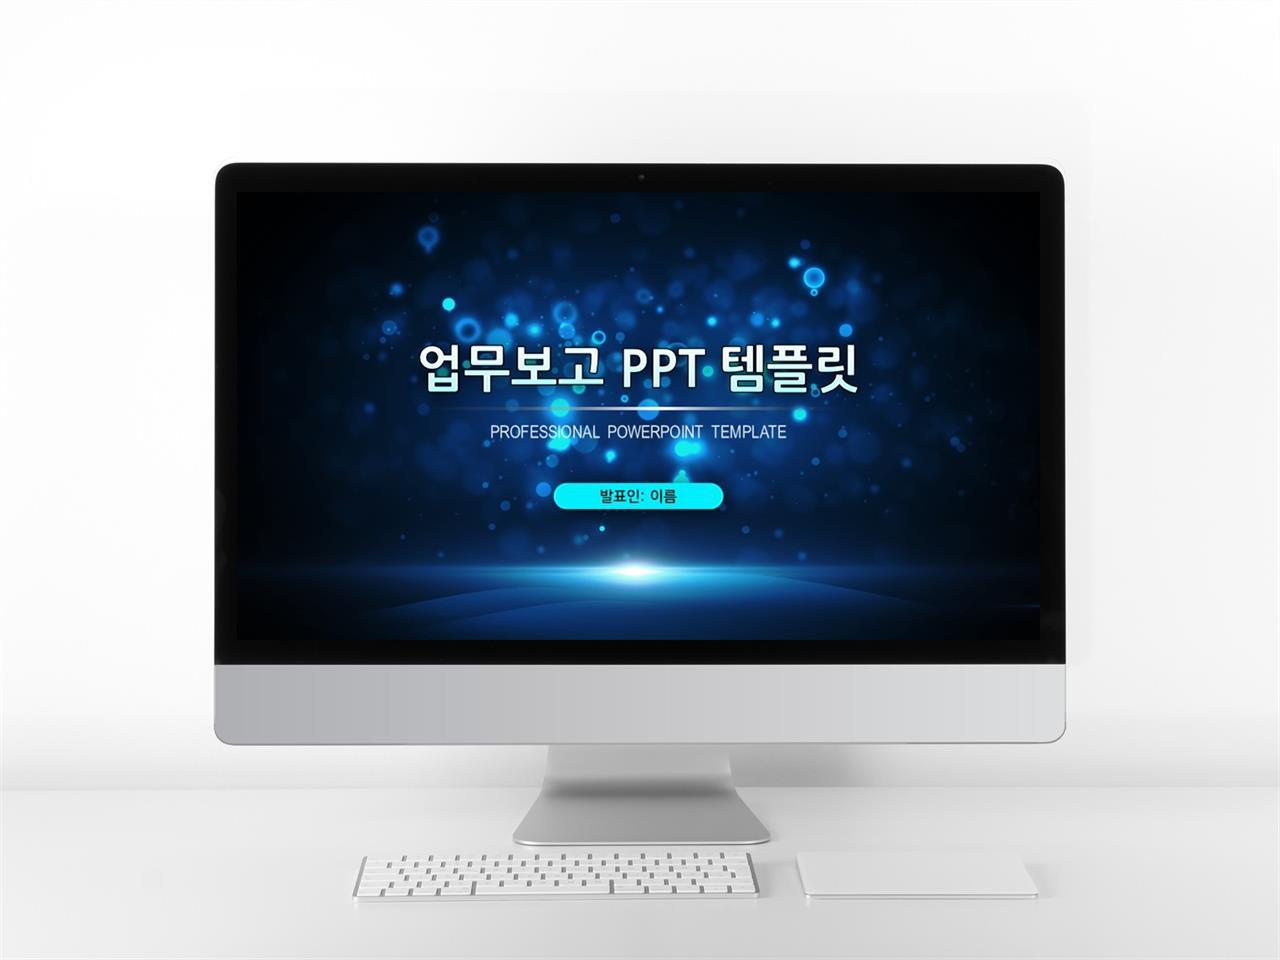 업무프로세스 블루 어둑어둑한 매력적인 피피티템플릿 제작 미리보기